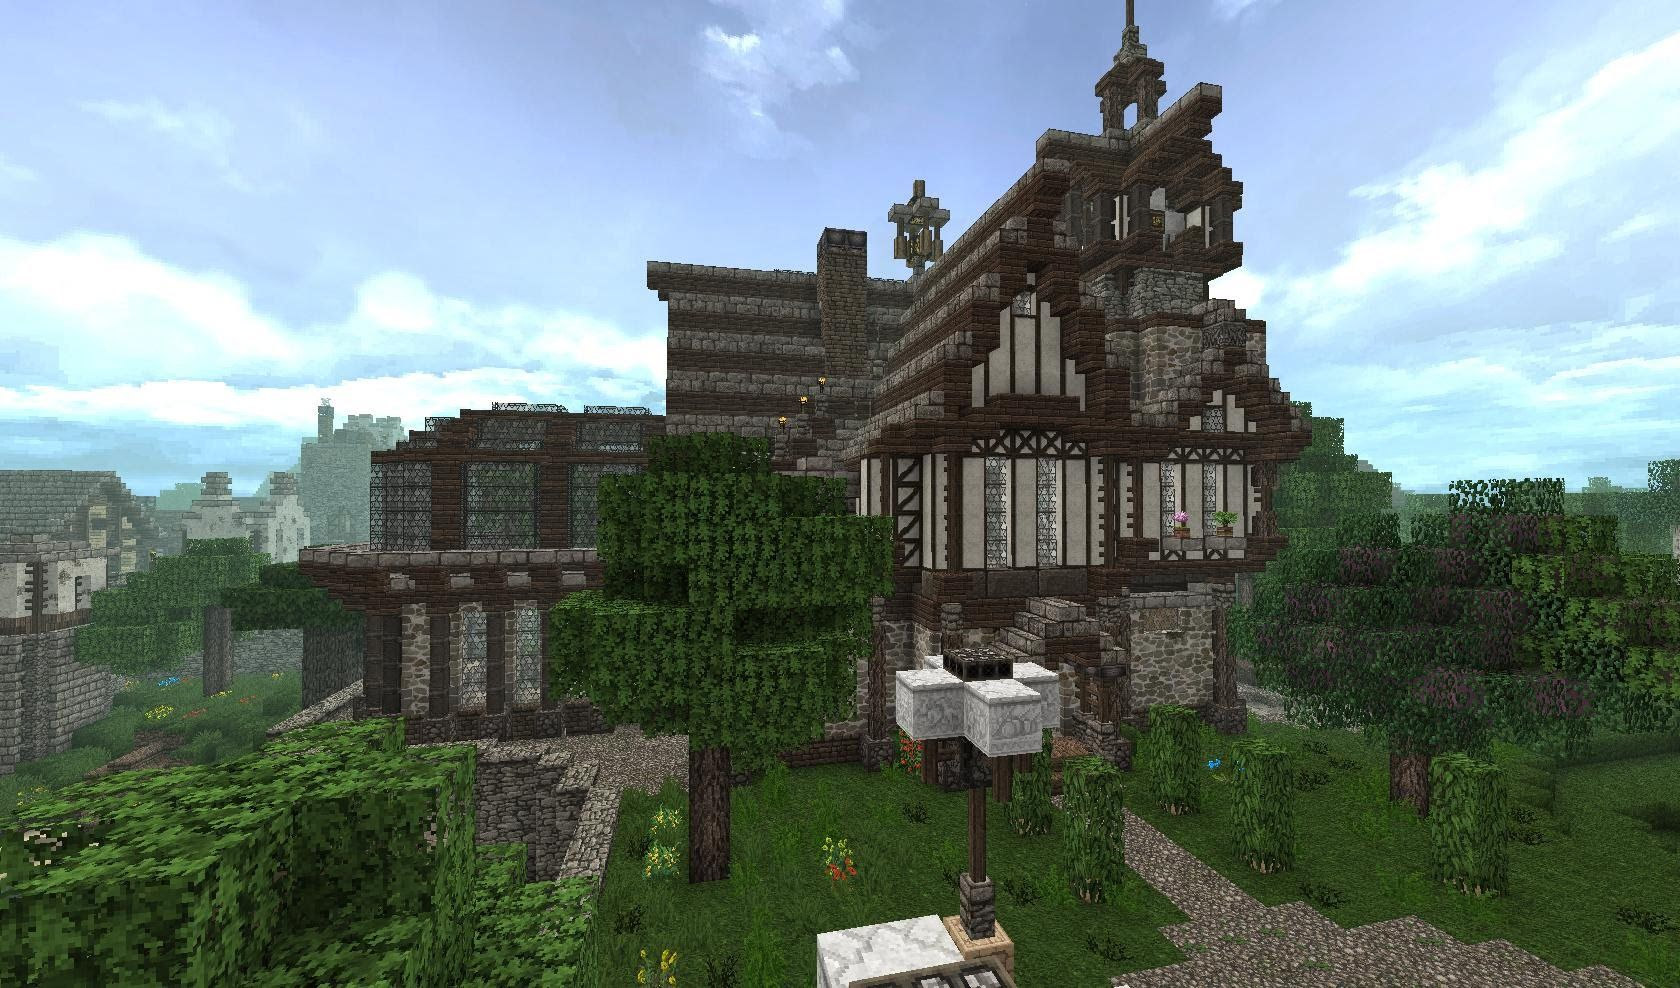 Minecraft Mittelalter Haus Mit Redstonedusche Gotisch - Minecraft kleine mittelalter hauser